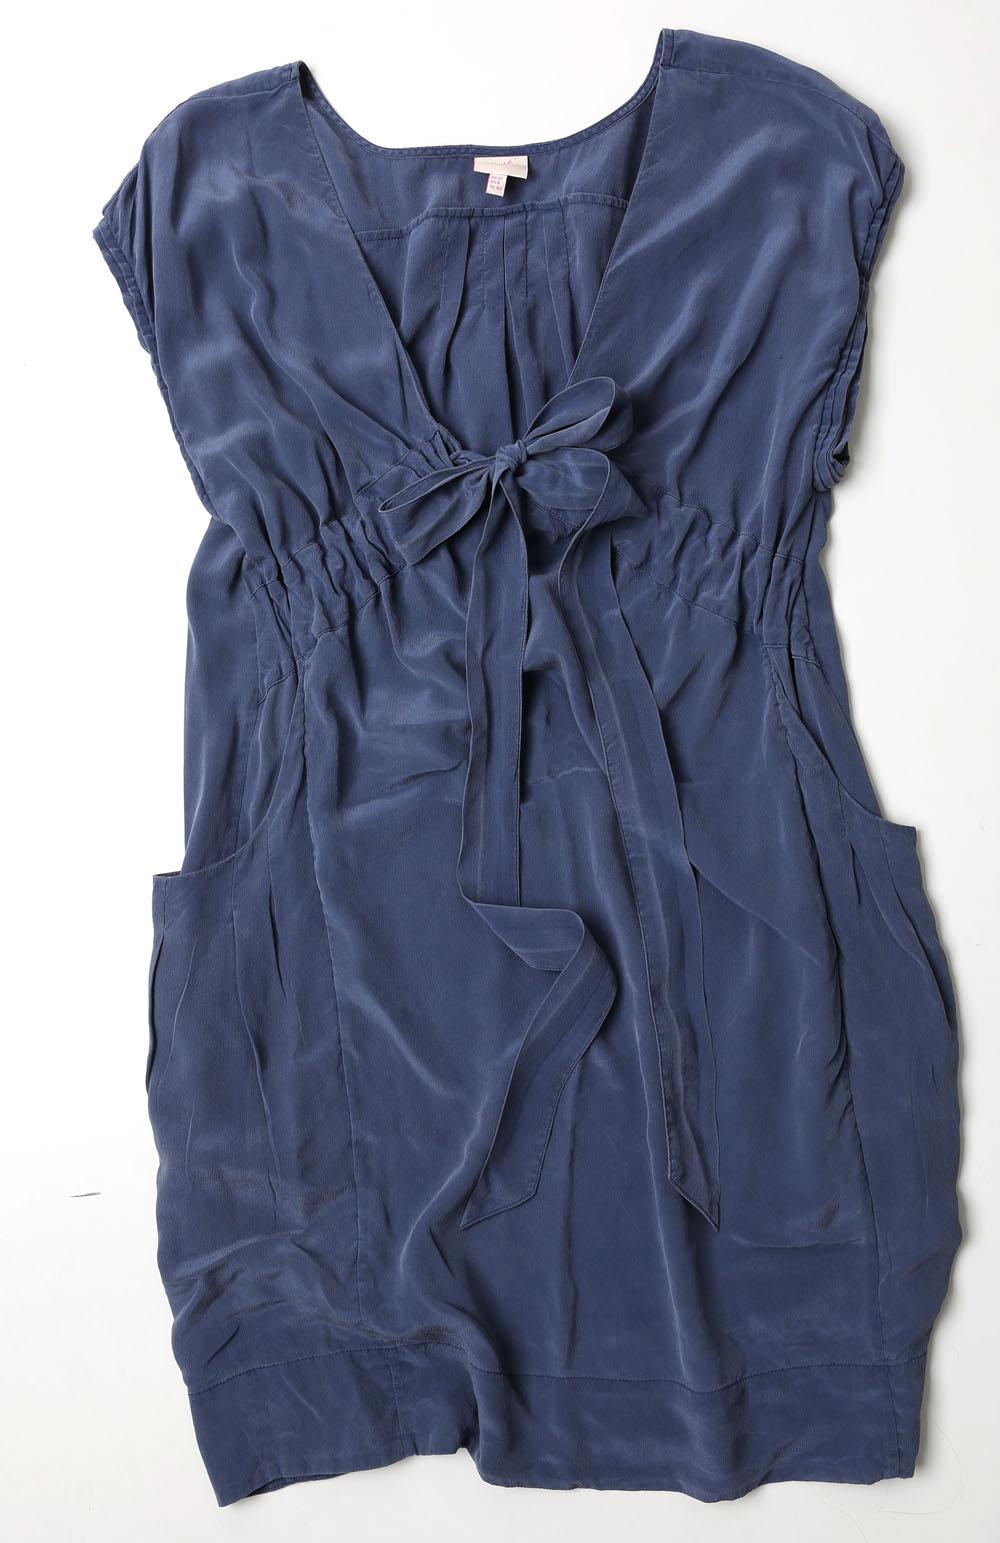 Zilā kleitiņa  Iemīlējos neparasti skaistajā zilā nokrāsā un materiālā – 100% zīds!  4 eiro, Econom Class.